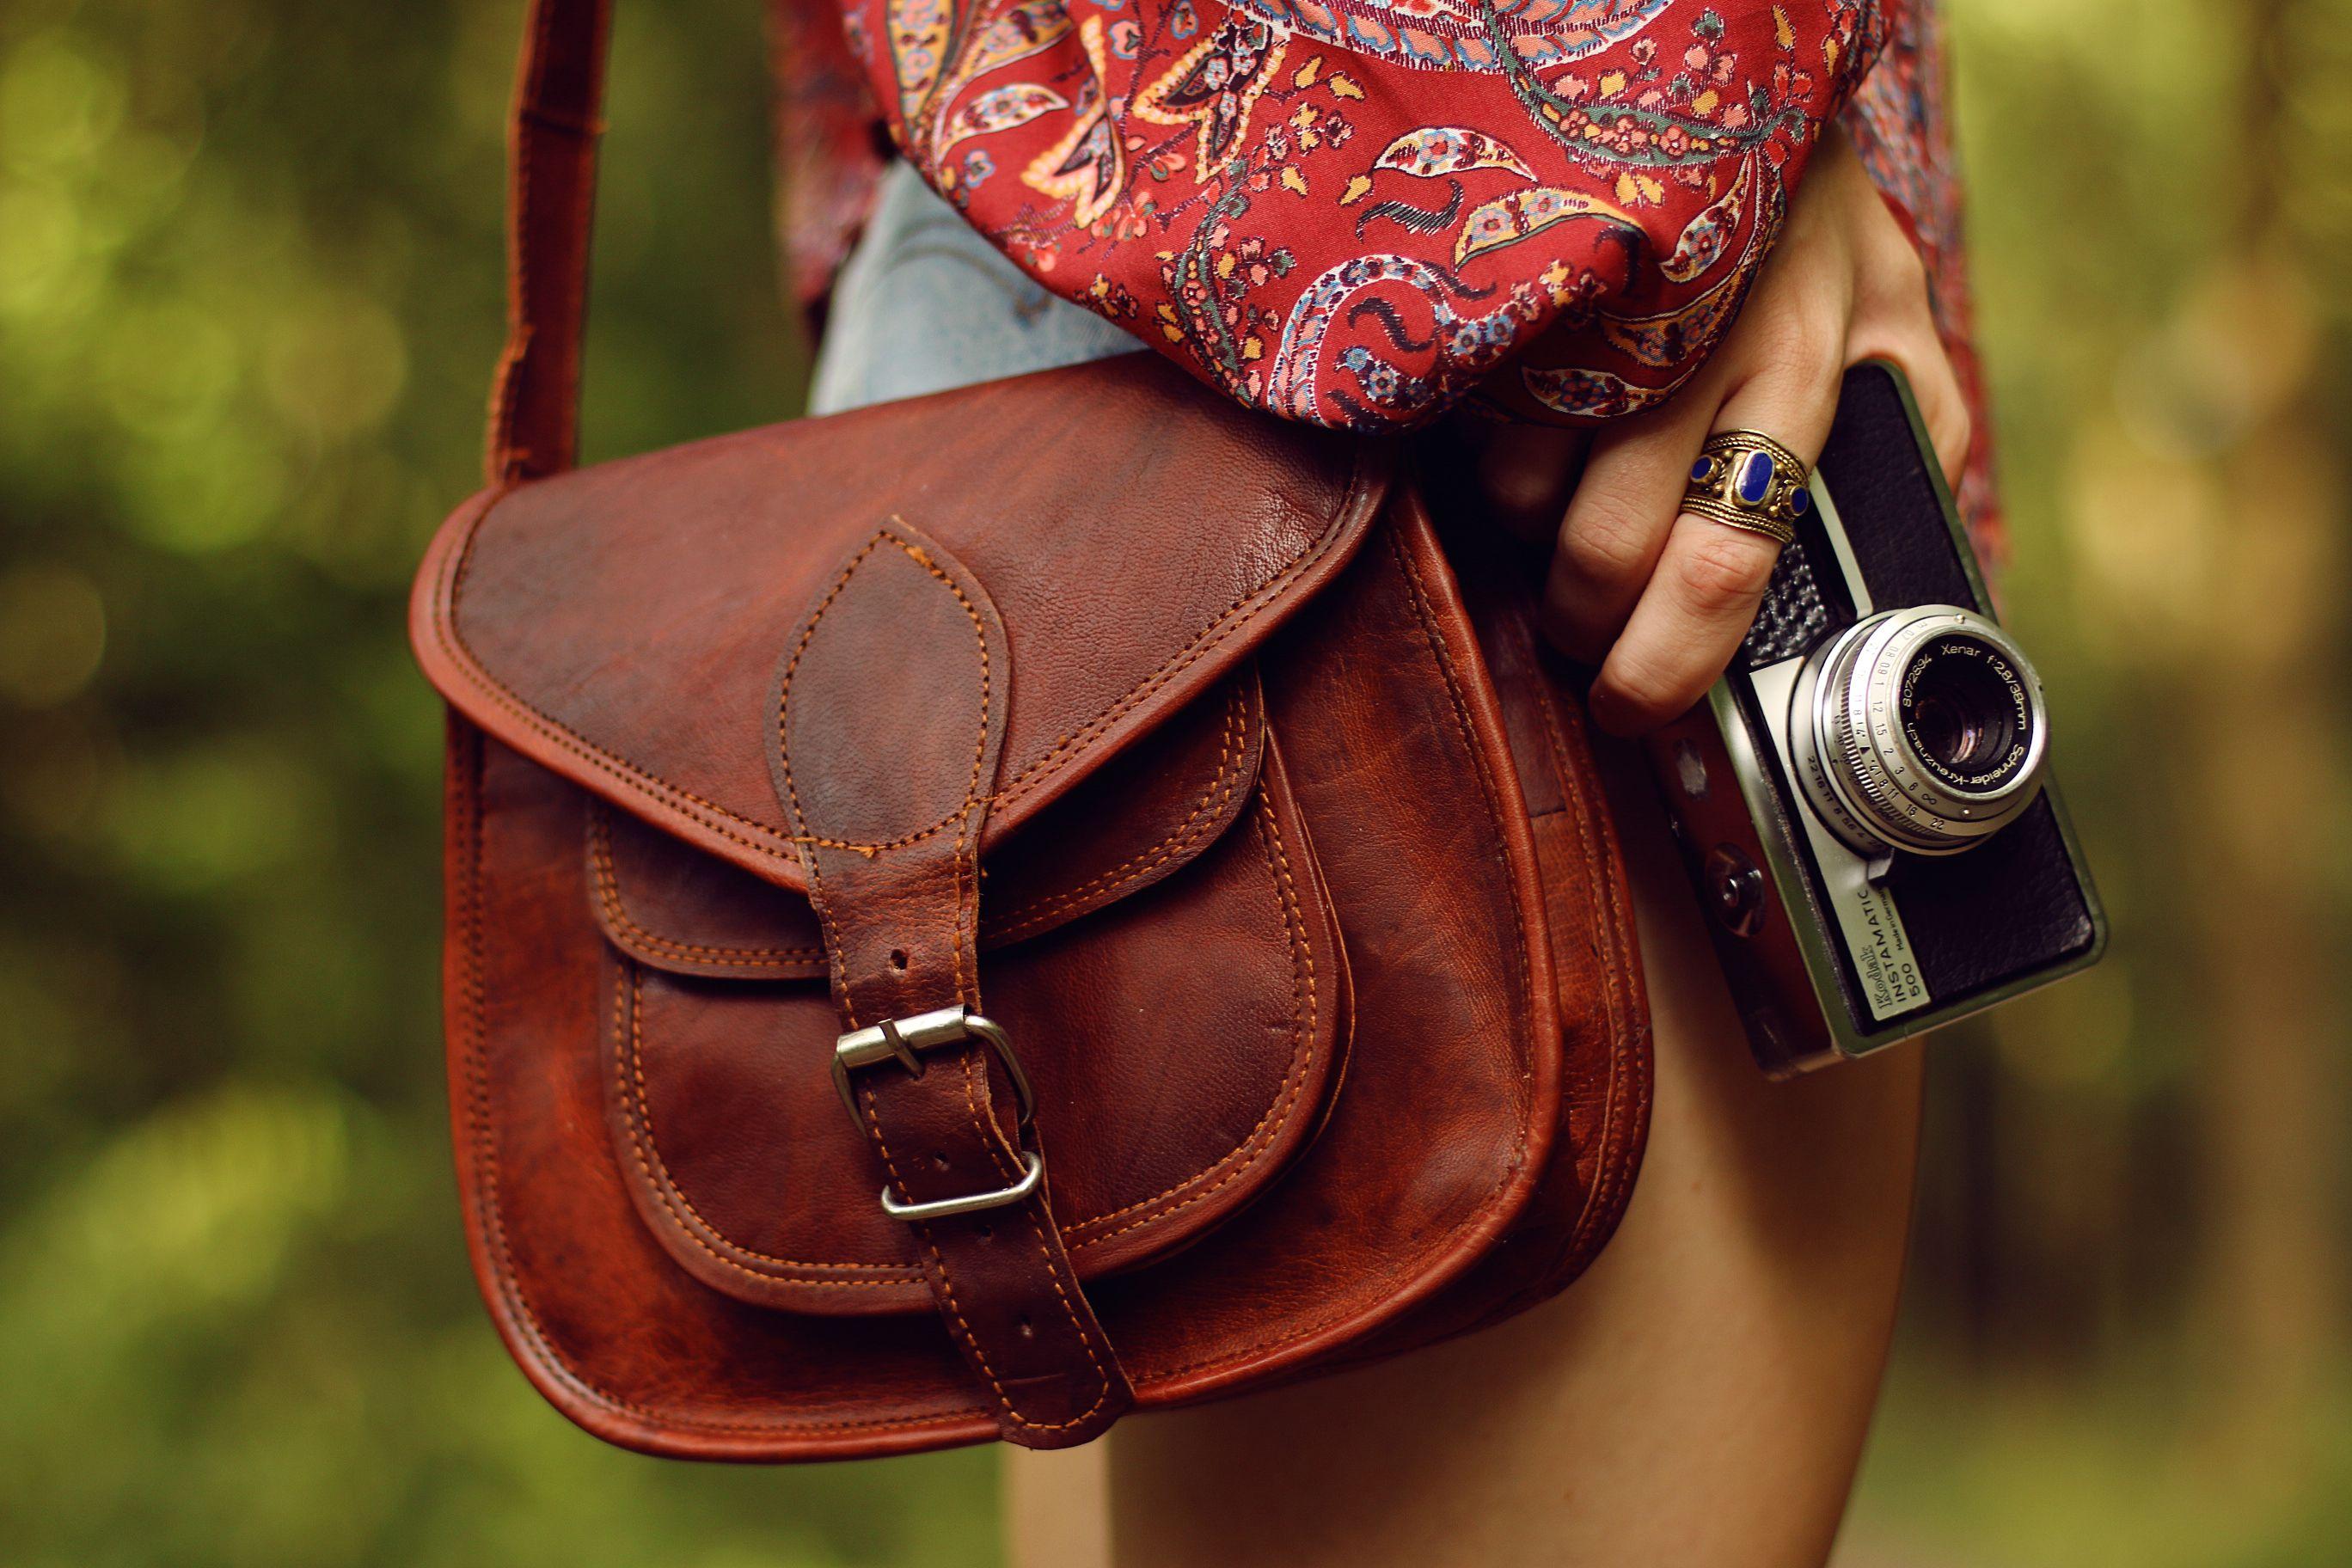 a5fee2a789d25 Vintage Ledertasche Handtasche boho Gusti Leder Damentasche Umhängetasche  Damen braun